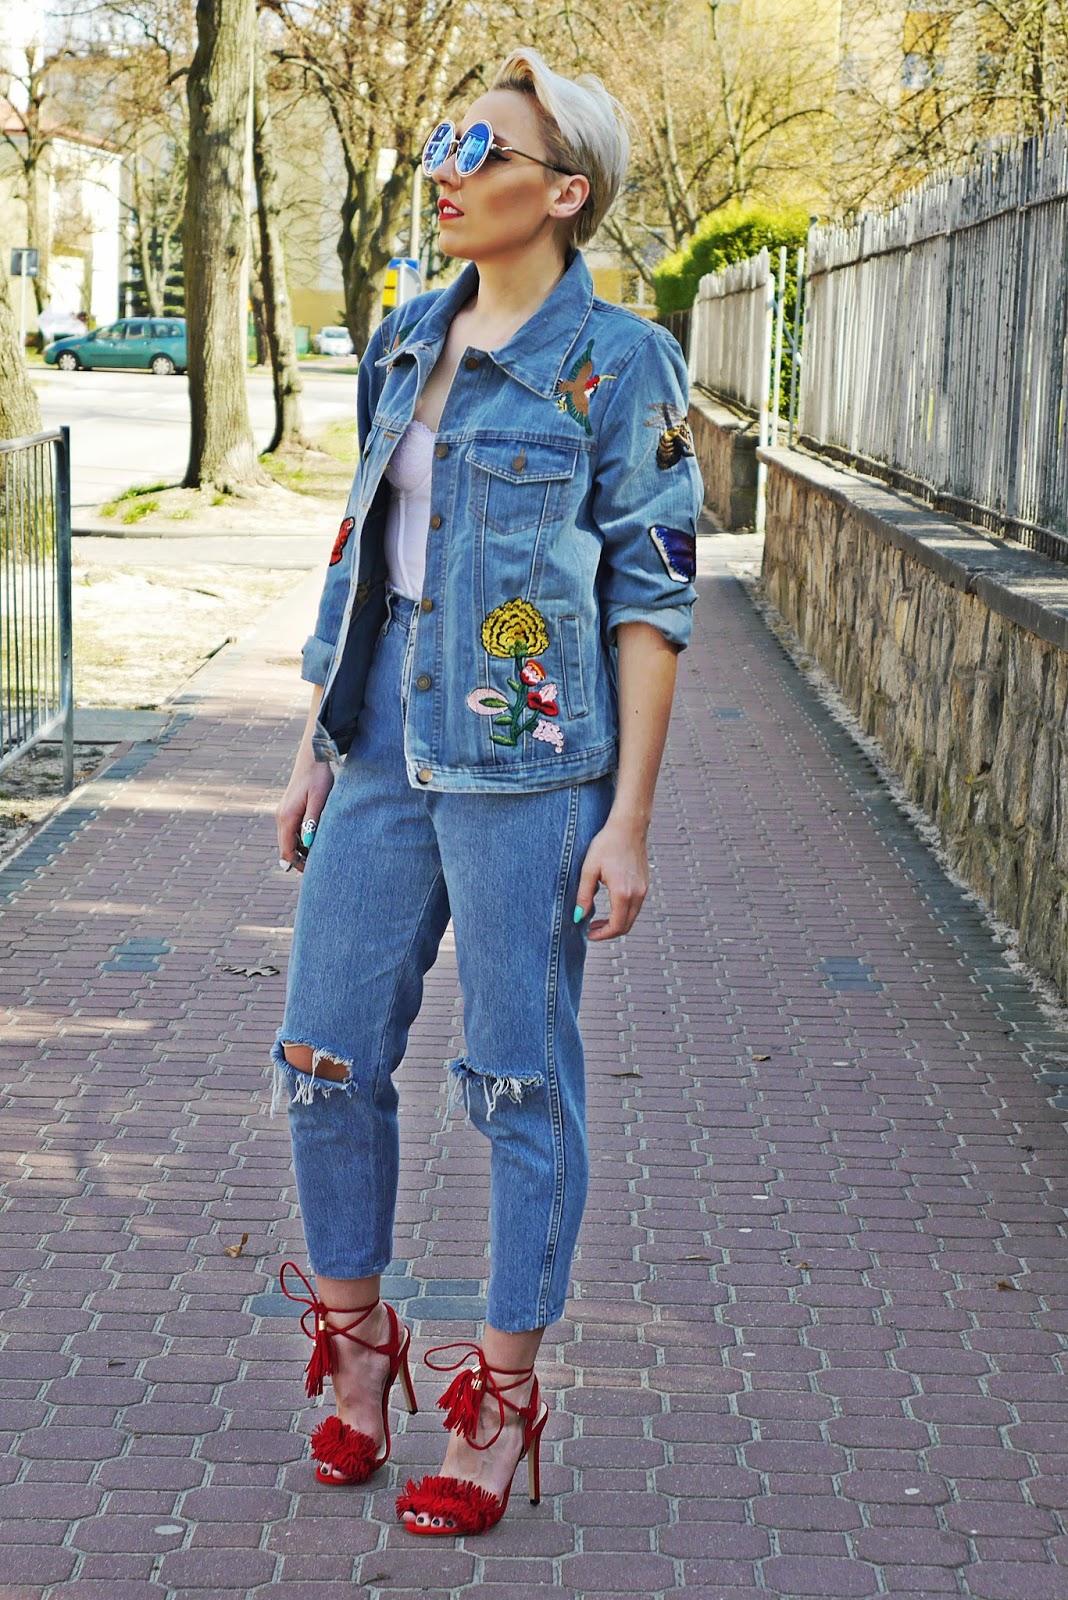 kurtka_z_naszywkami_dresslily_karyn_blog_ootd_look_outfit_060417